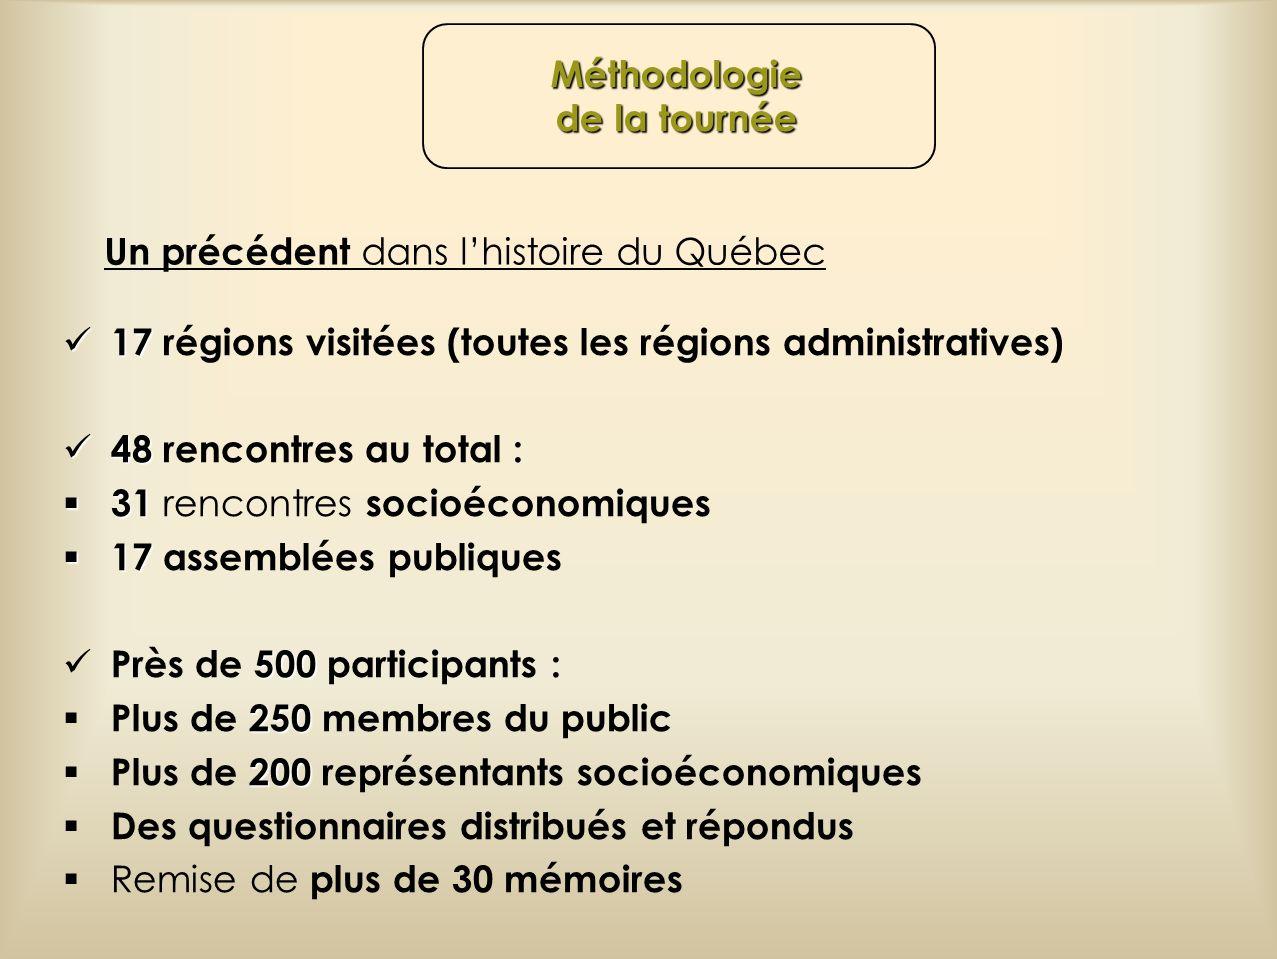 Méthodologie de la tournée 17 17 régions visitées (toutes les régions administratives) 48 48 rencontres au total : 31 31 rencontres socioéconomiques 1